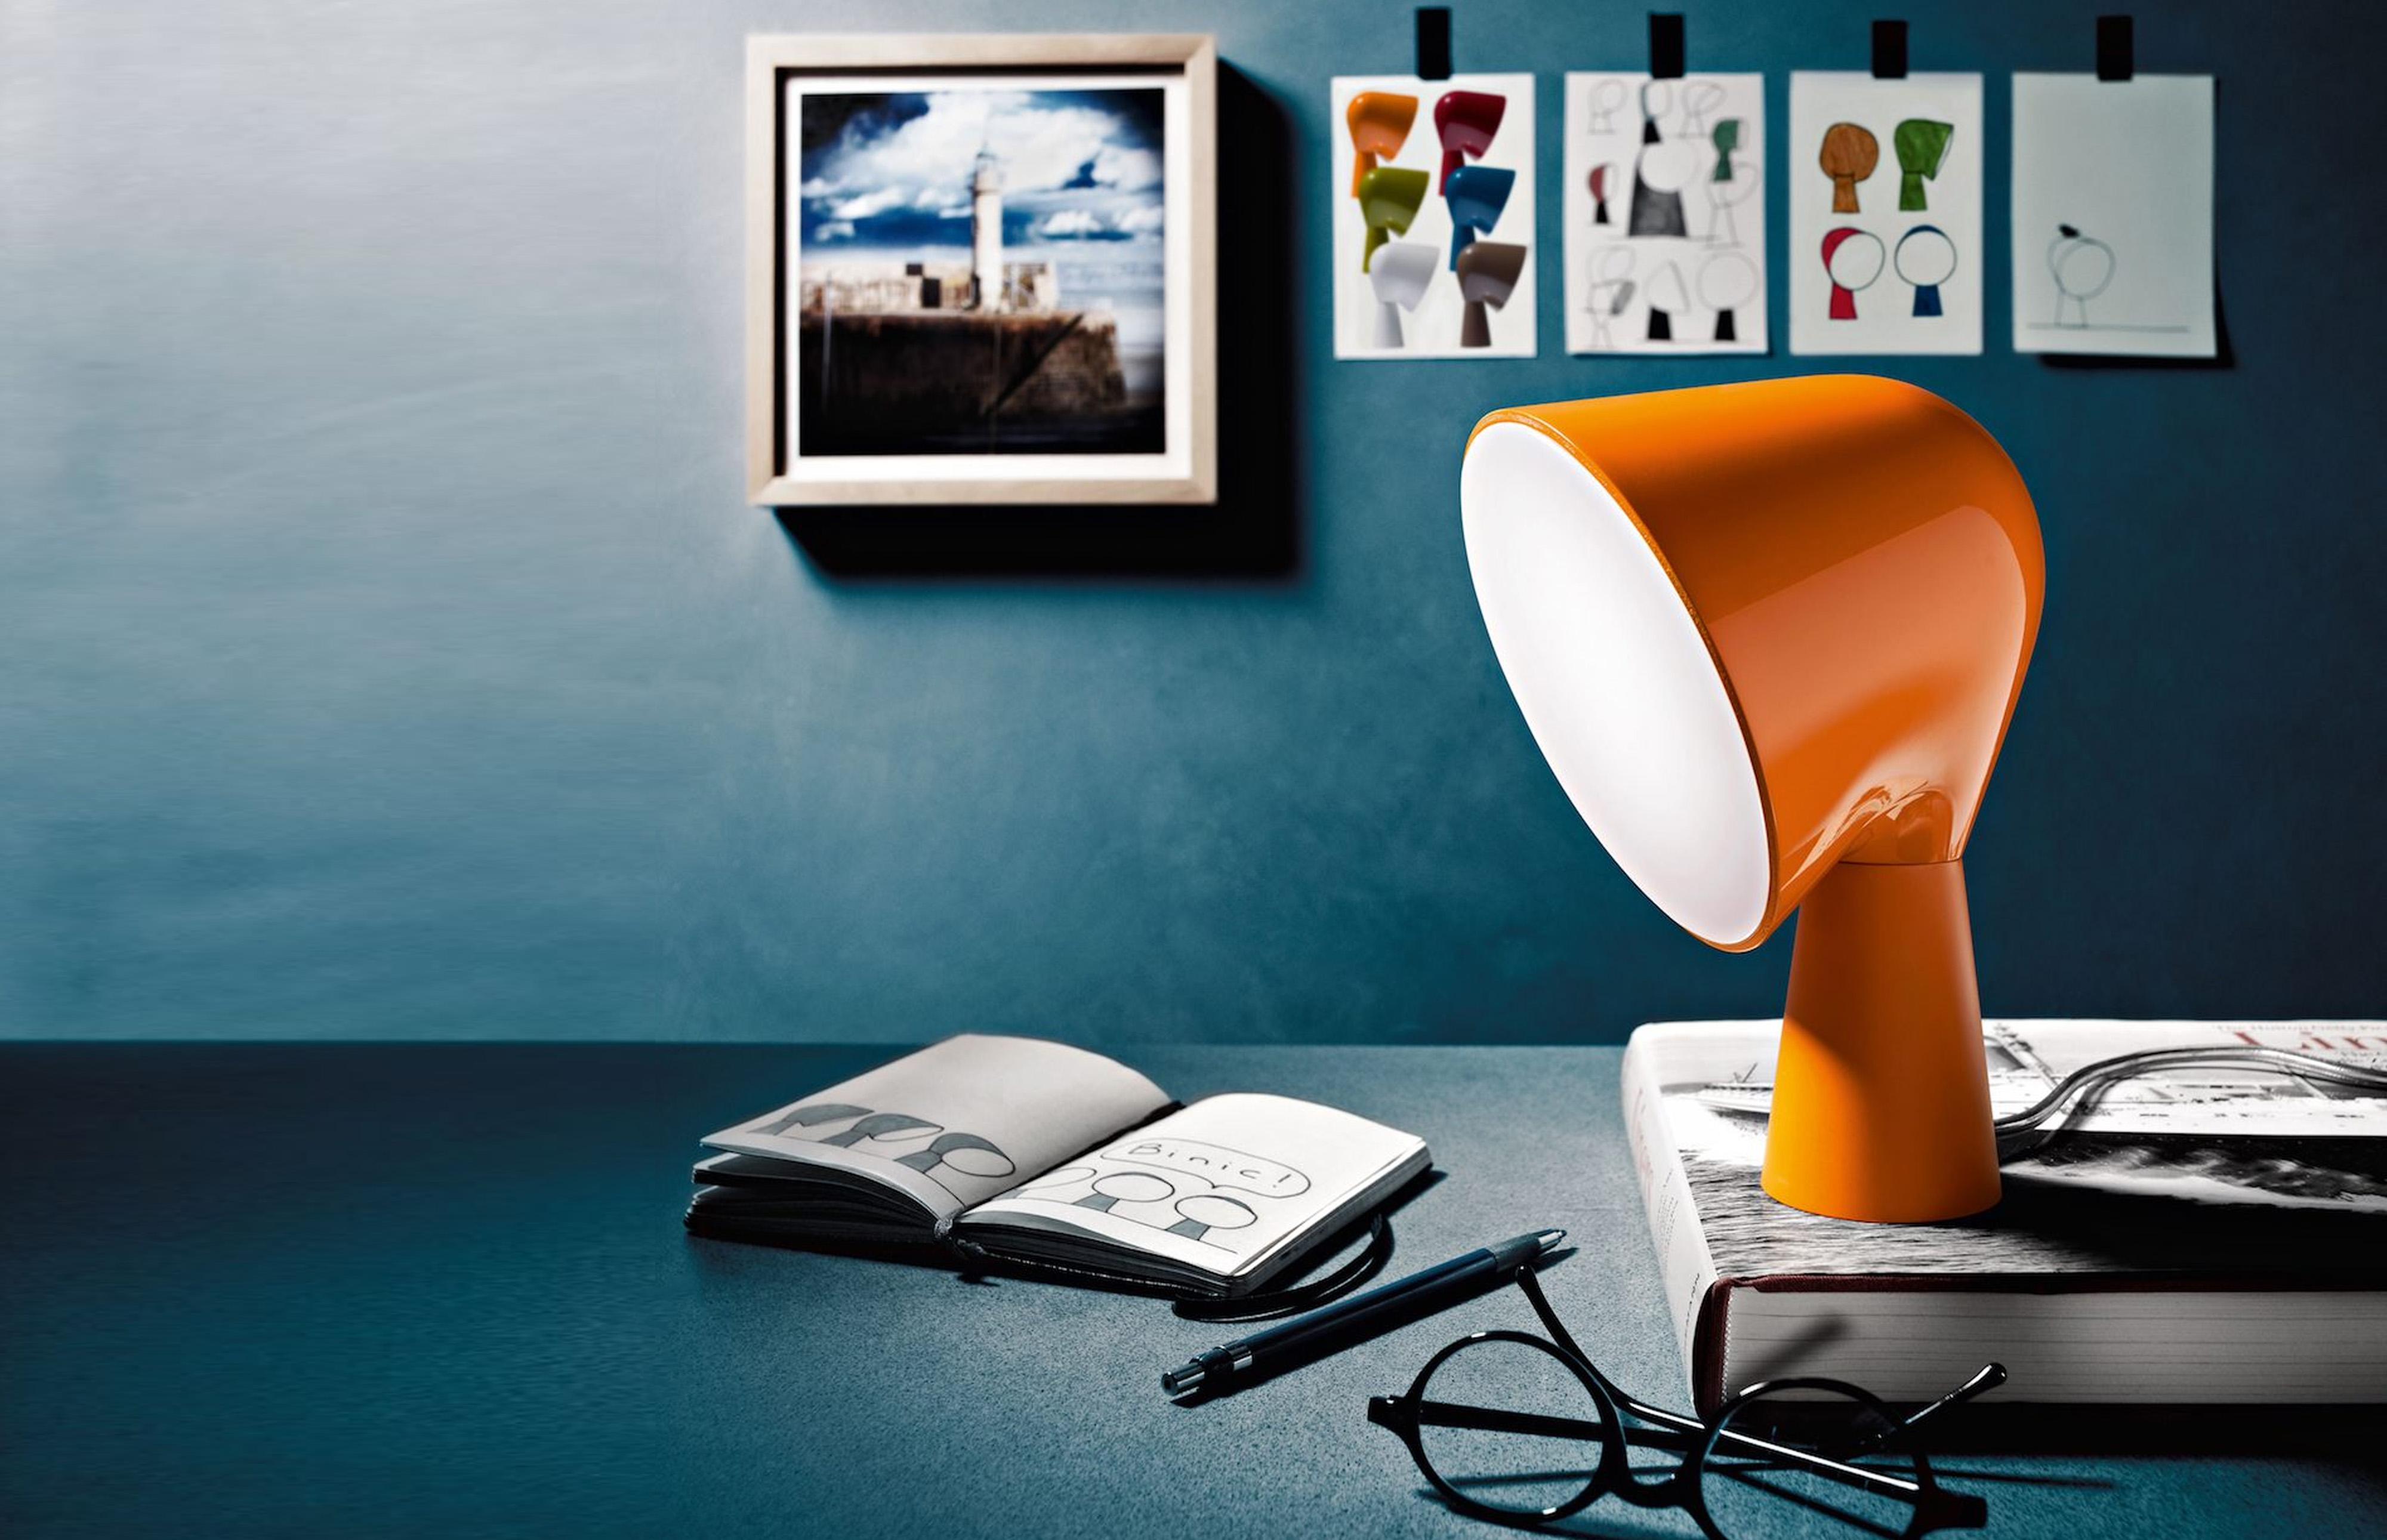 binic-table-lamp2